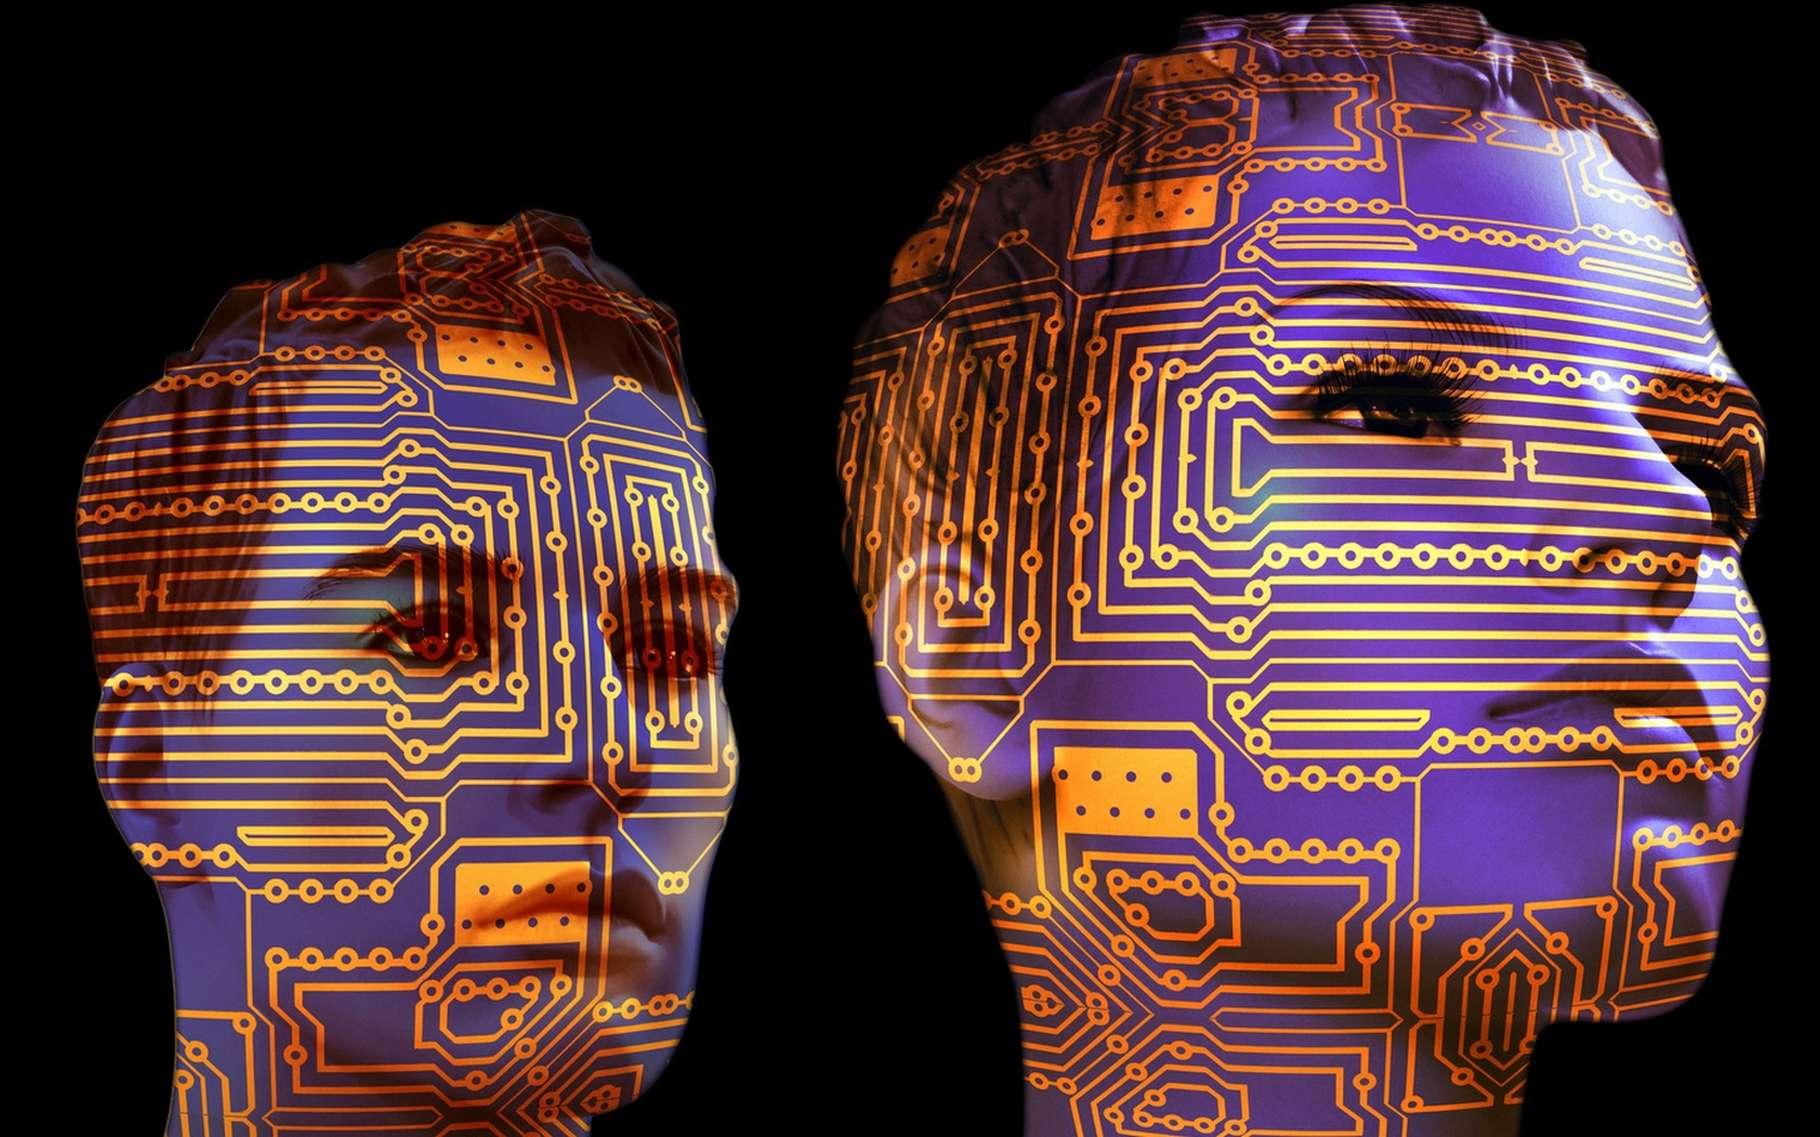 Google admet que la performance n'est pas une fin en soi en matière d'intelligence artificielle et qu'il faut désormais se fixer des objectifs plus élevés. © Francis Bonami, Fotolia